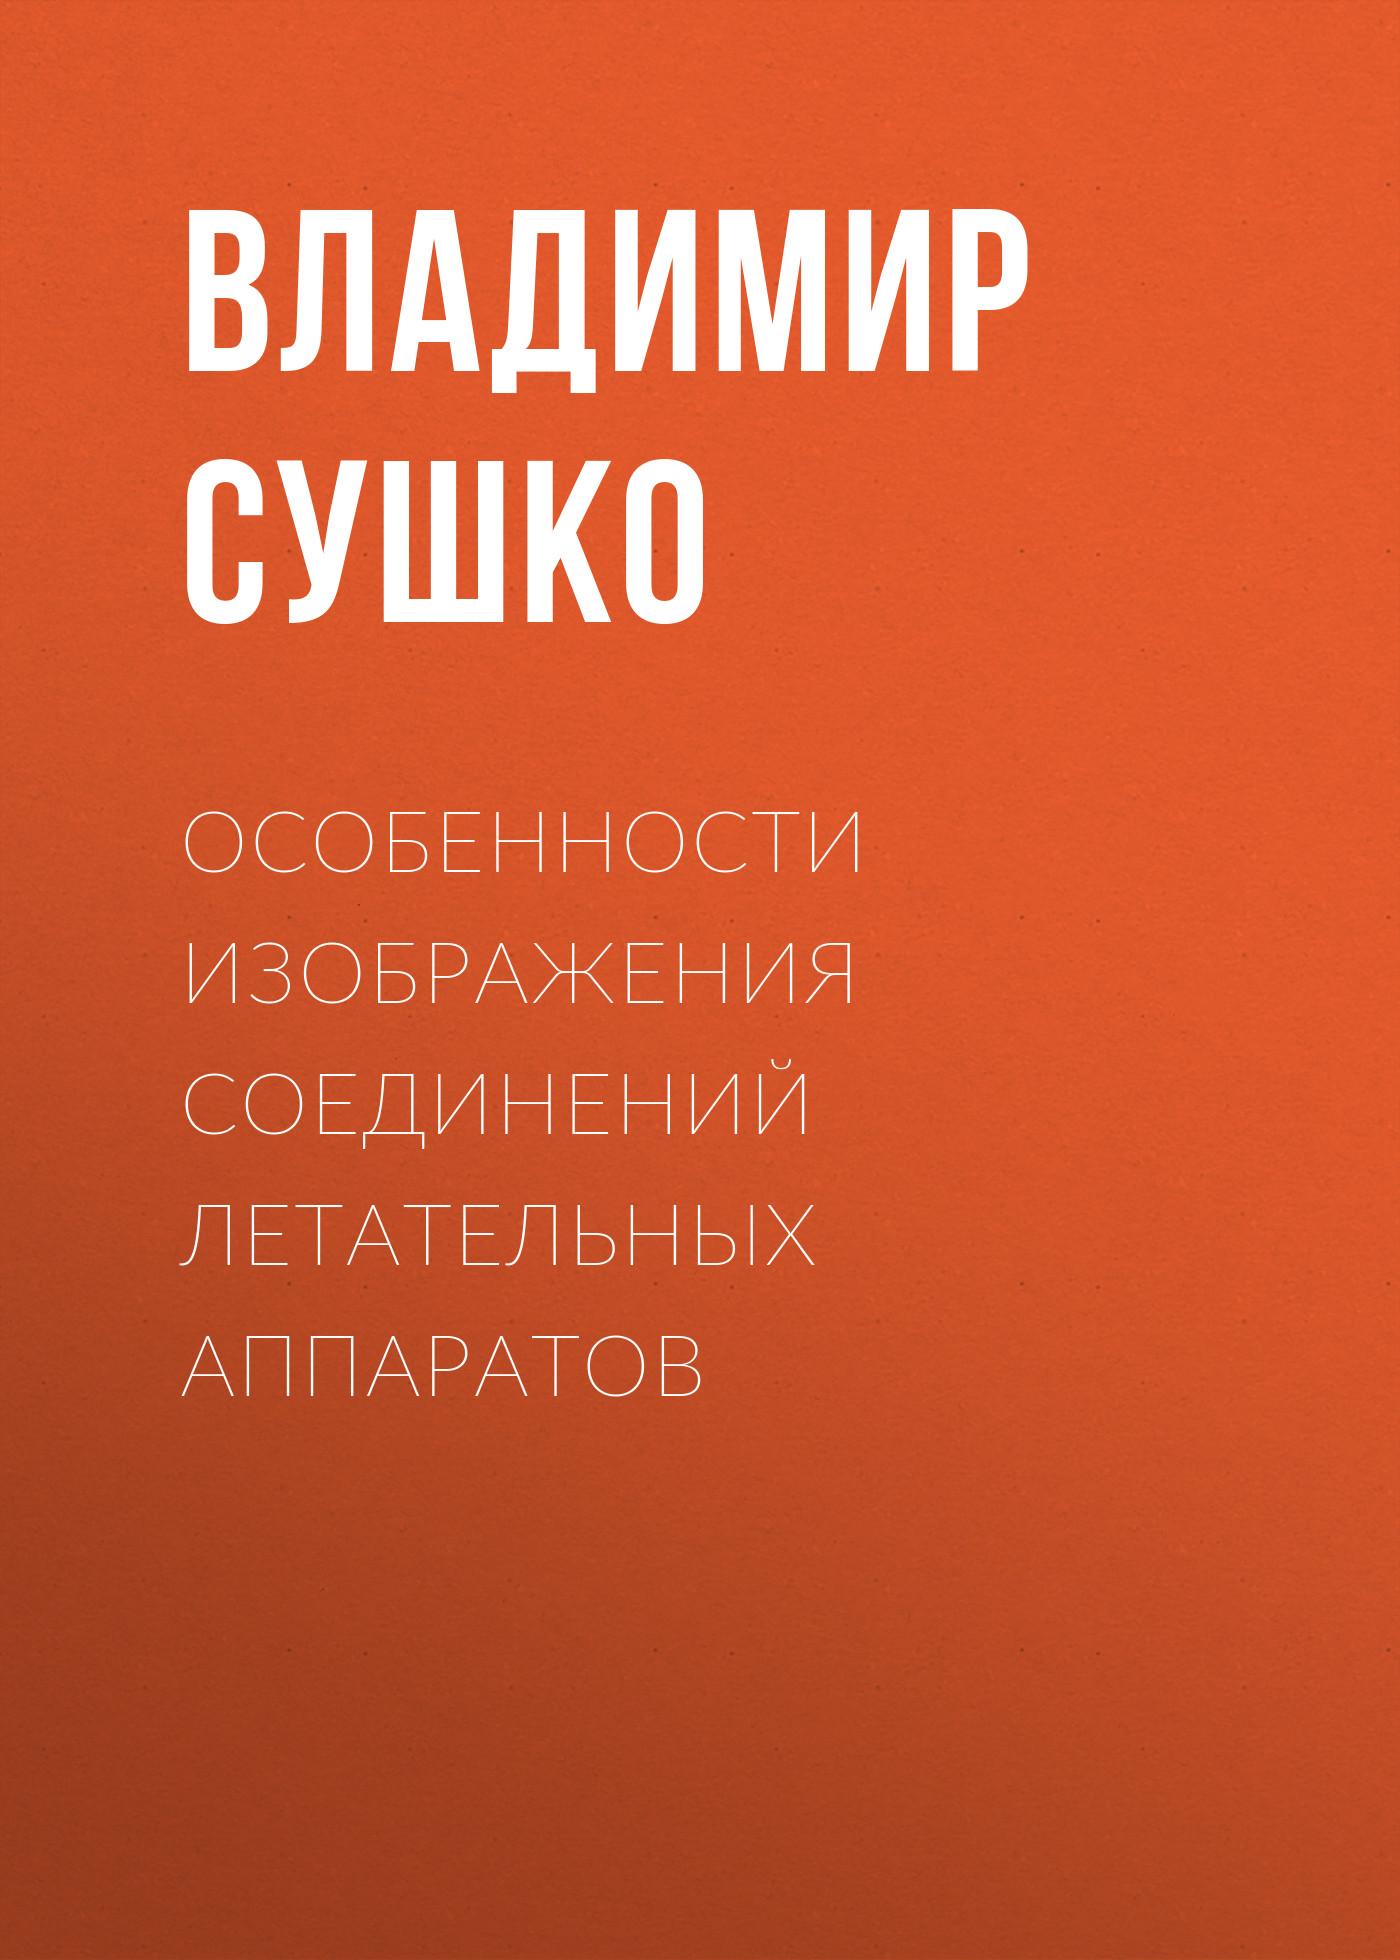 Владимир Сушко Особенности изображения соединений летательных аппаратов